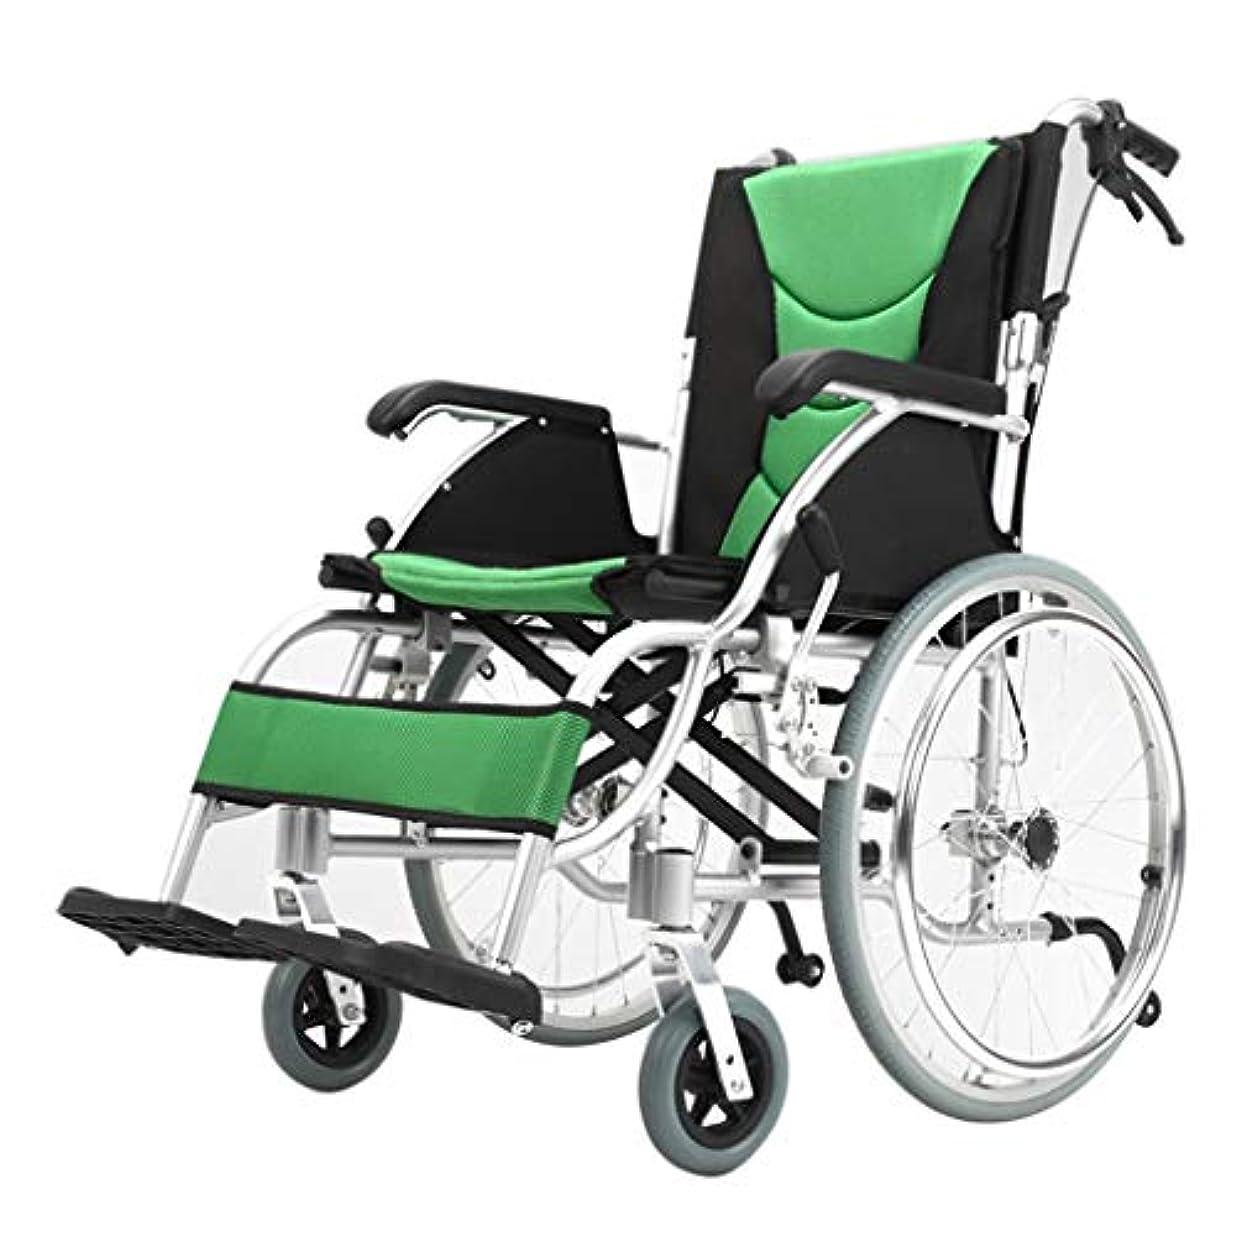 スカイオールナインへ車椅子折りたたみ軽量オールドカート、アルミ合金超軽量障害者旅行オールドスクーター、折りたたみ式背もたれ